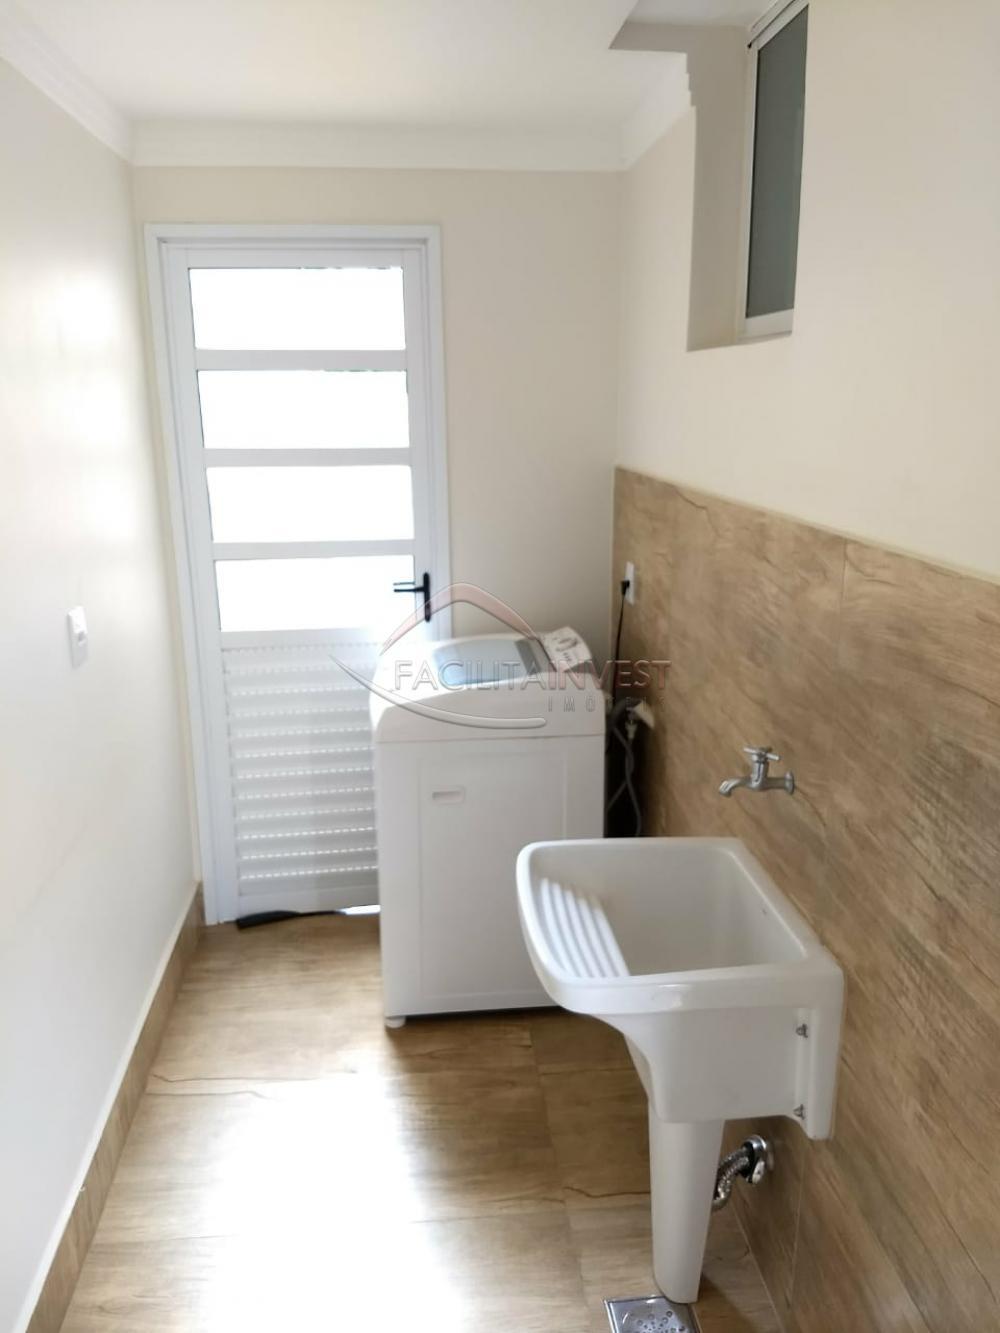 Comprar Casa Condomínio / Casa Condomínio em Ribeirão Preto apenas R$ 540.000,00 - Foto 16